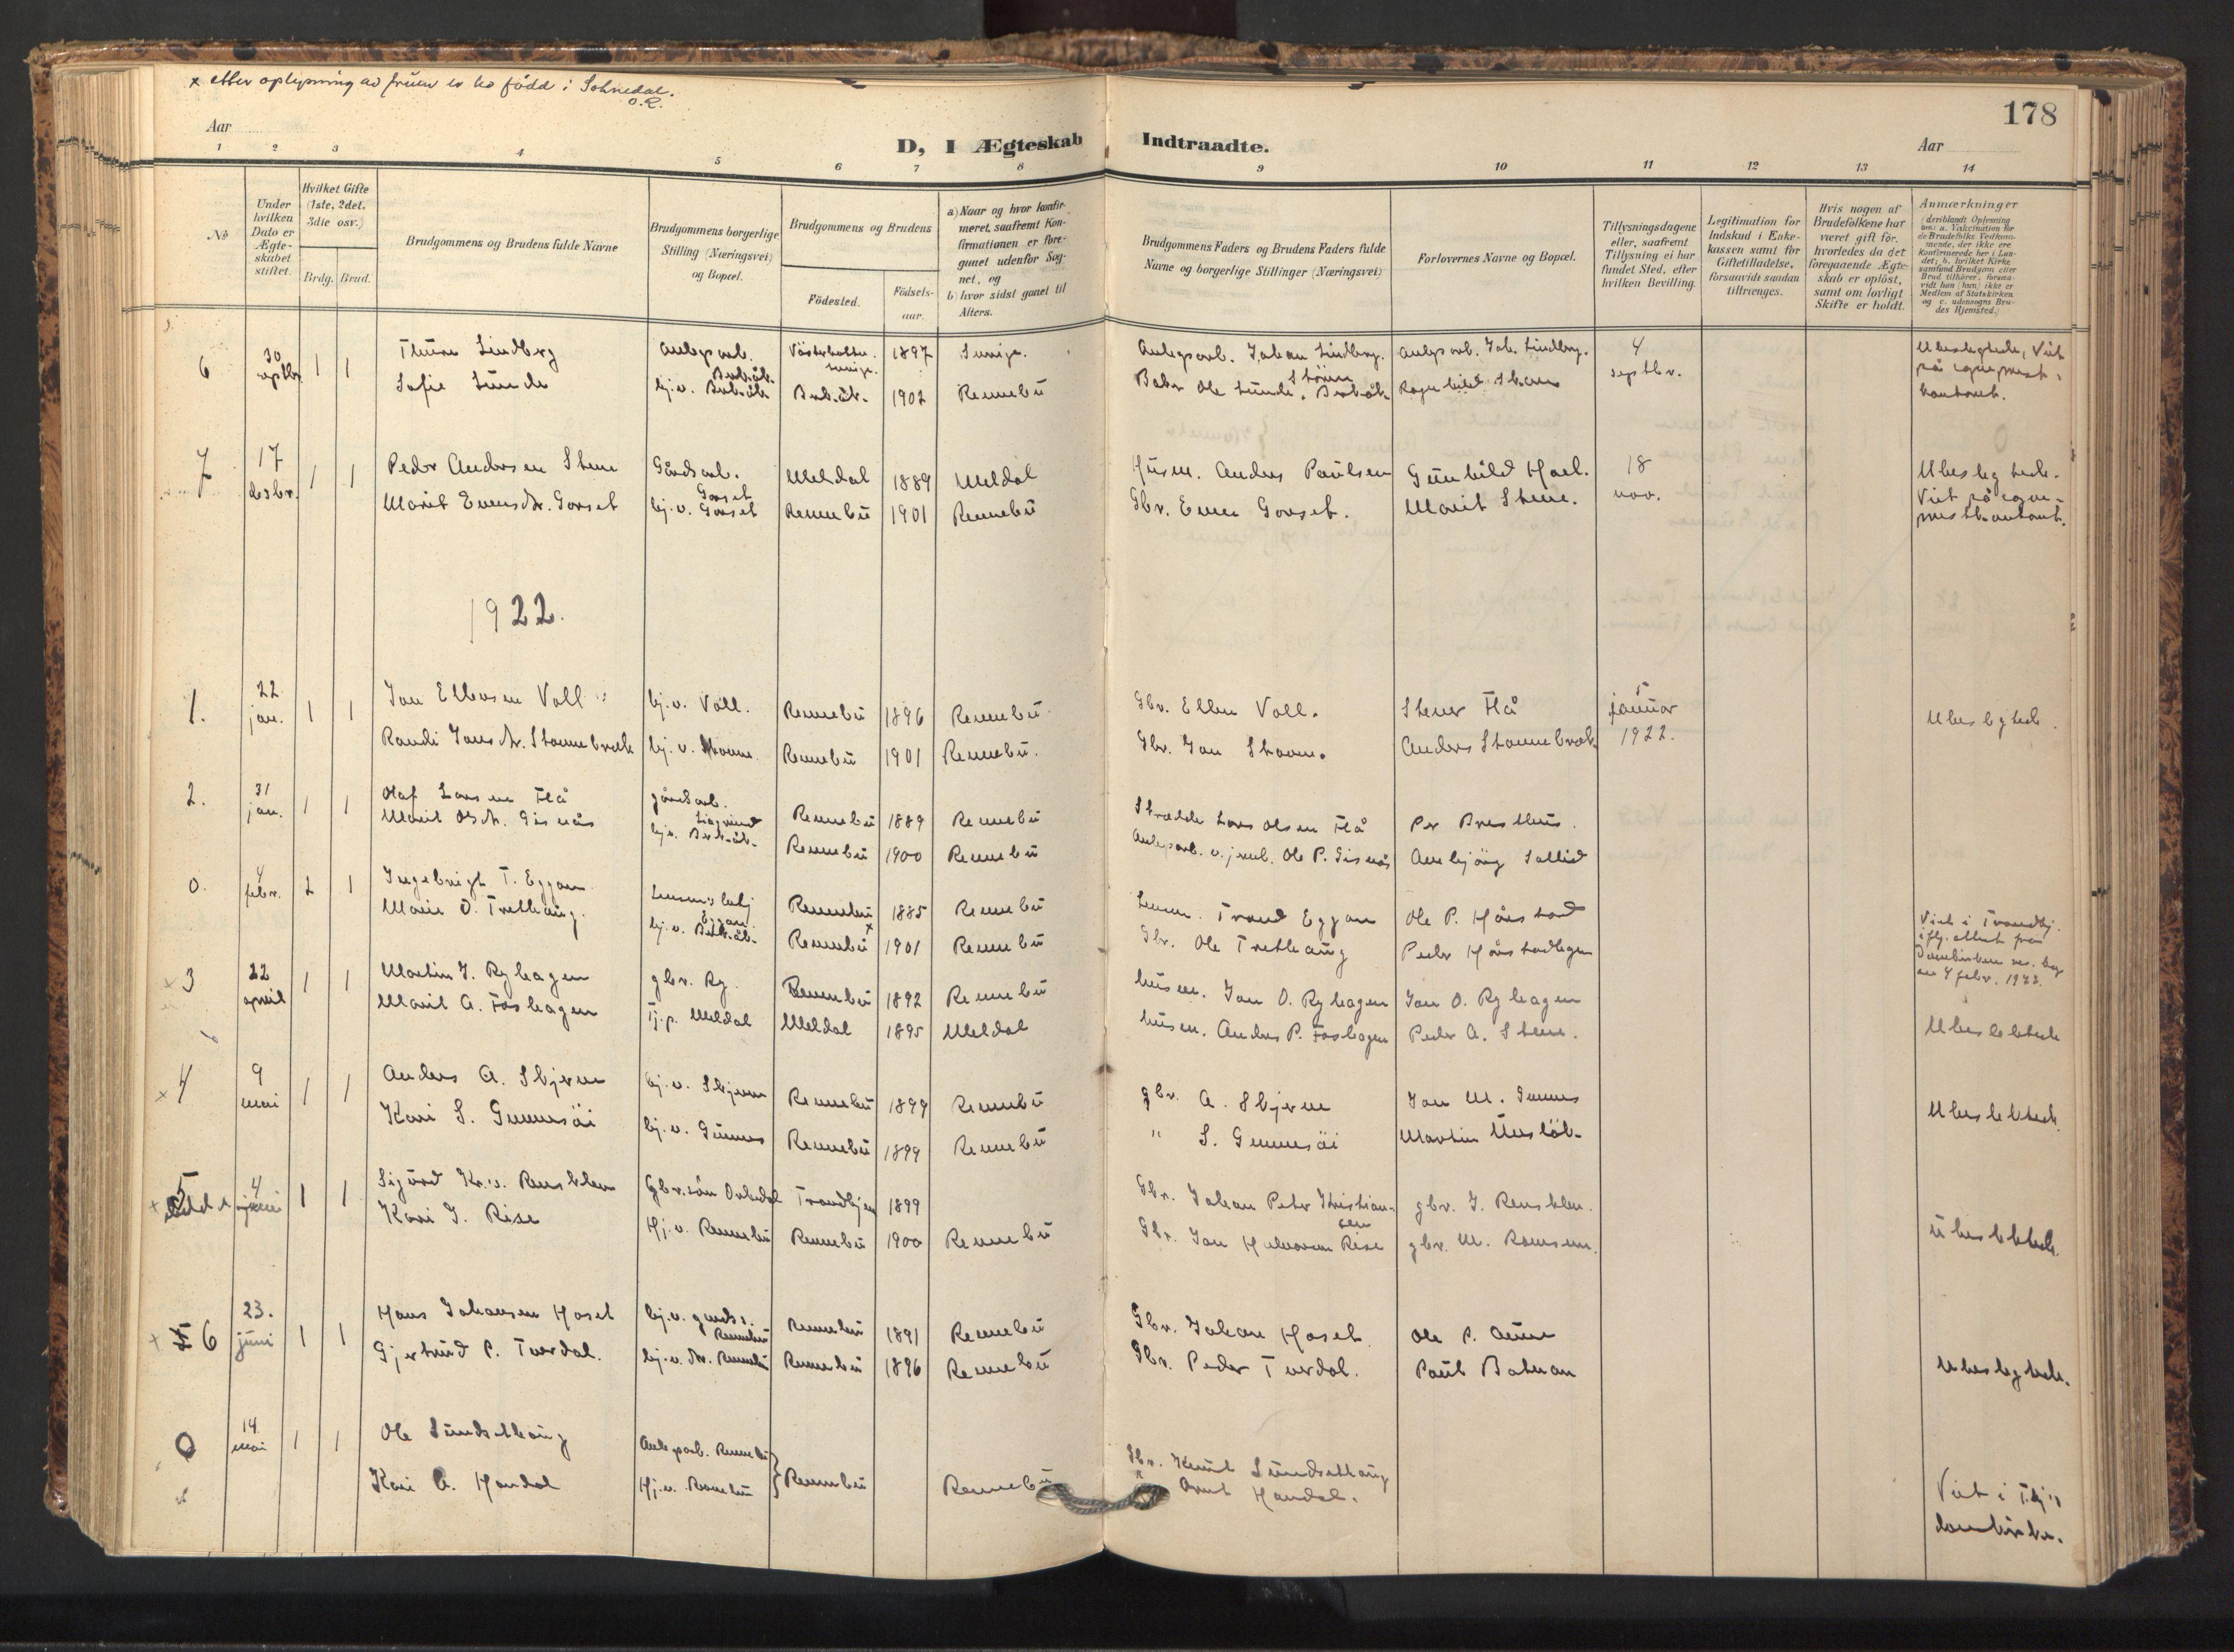 SAT, Ministerialprotokoller, klokkerbøker og fødselsregistre - Sør-Trøndelag, 674/L0873: Ministerialbok nr. 674A05, 1908-1923, s. 178